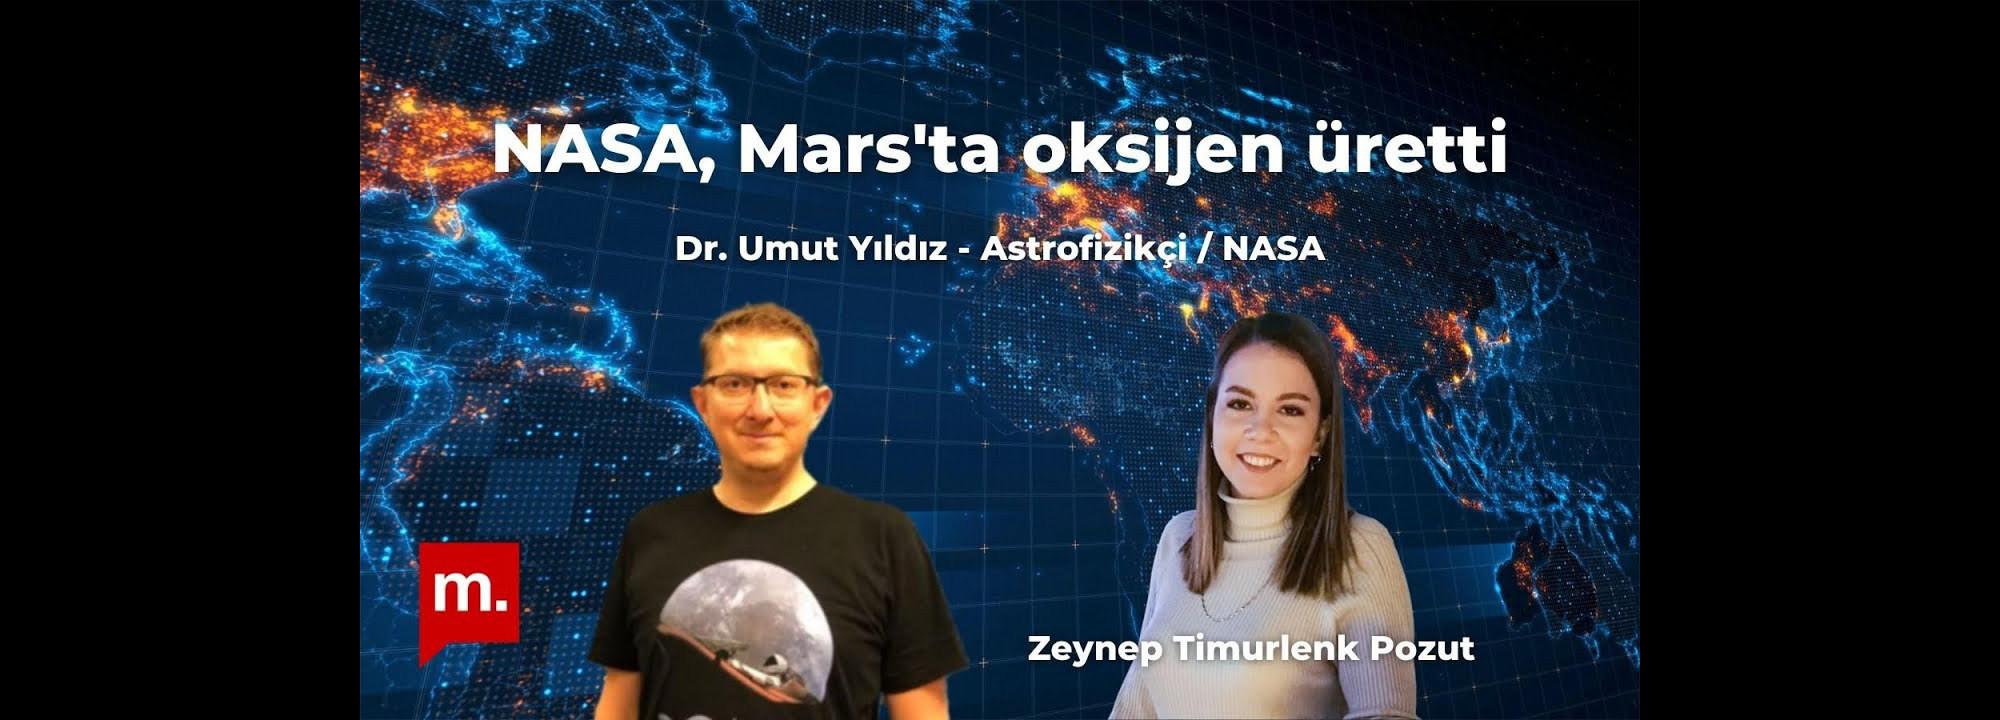 NASA Mars'ta oksijen üretti | Medyascope